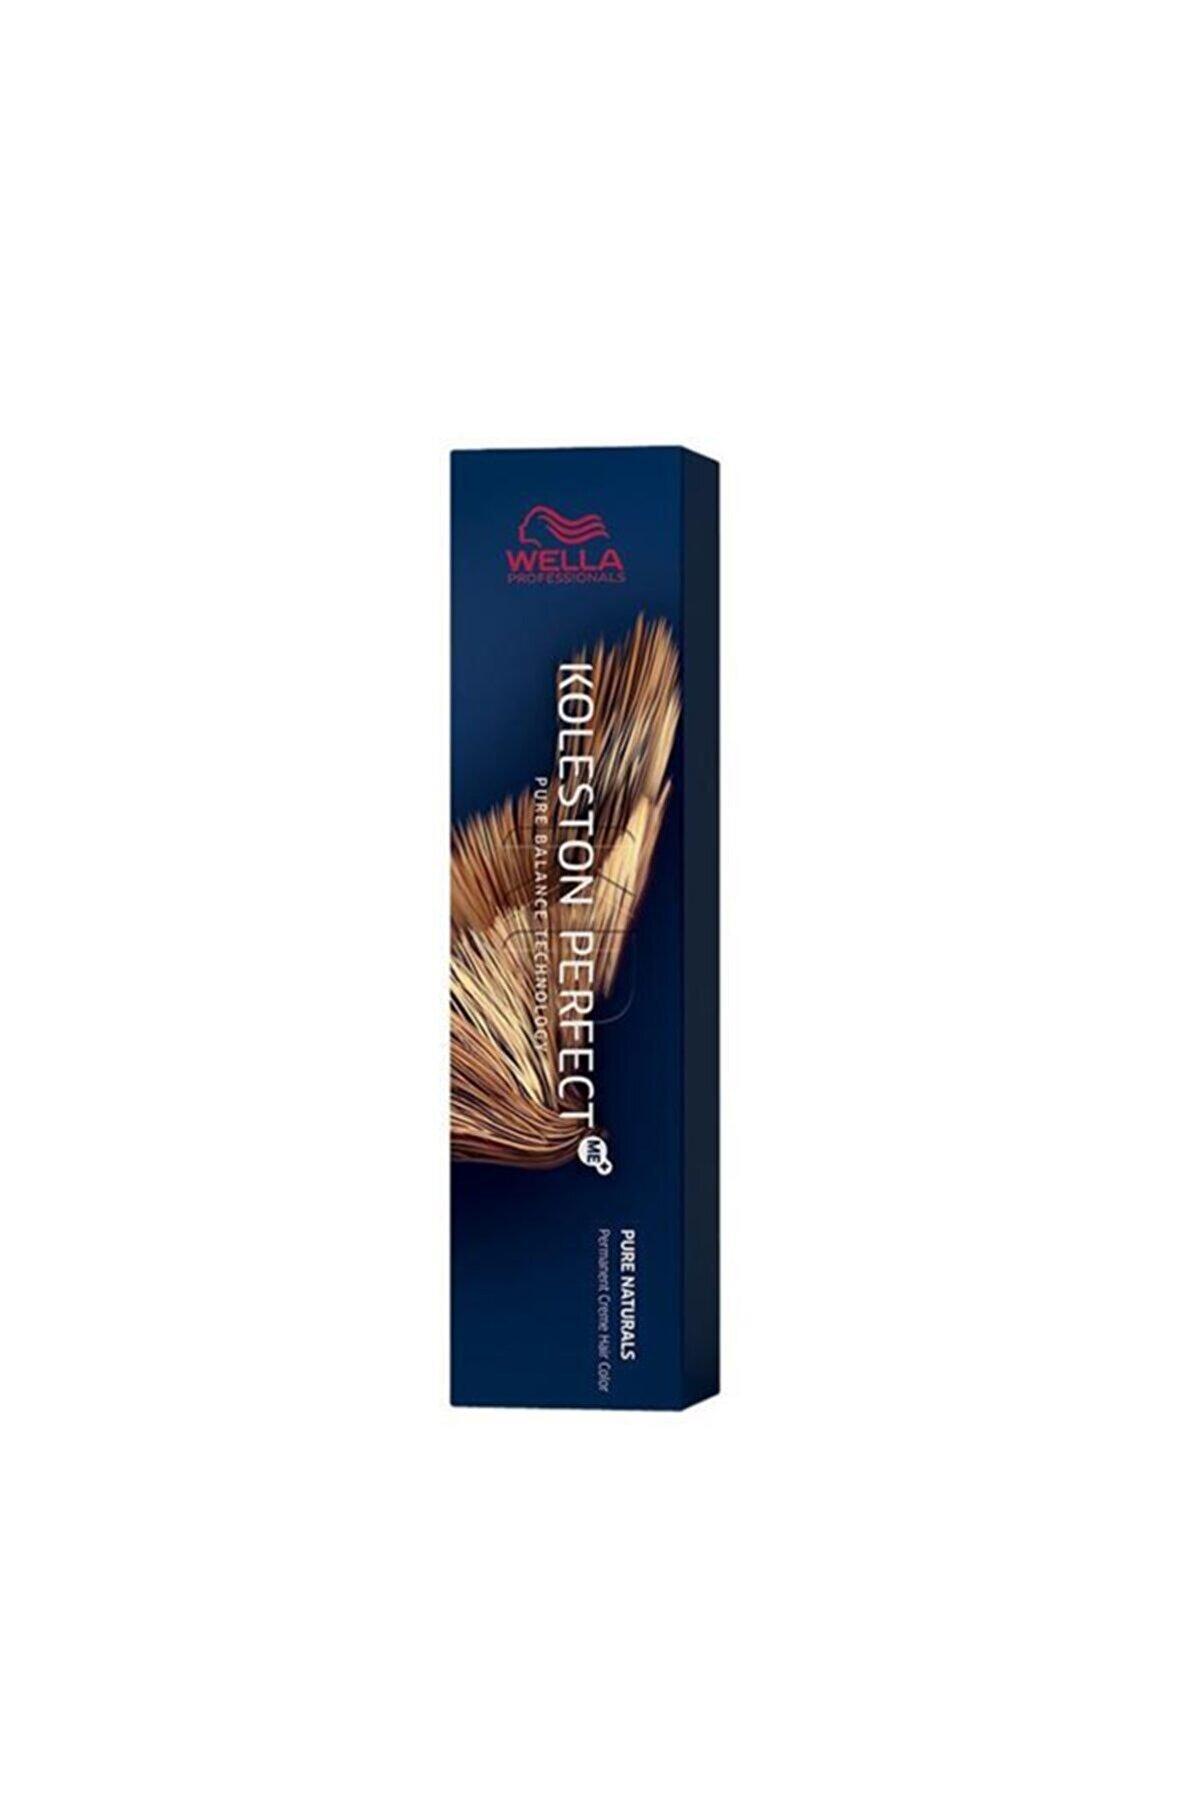 Wella Orta Küllü Kumral Koleston Perfect 7.11 Saç Boyası 4015600182861